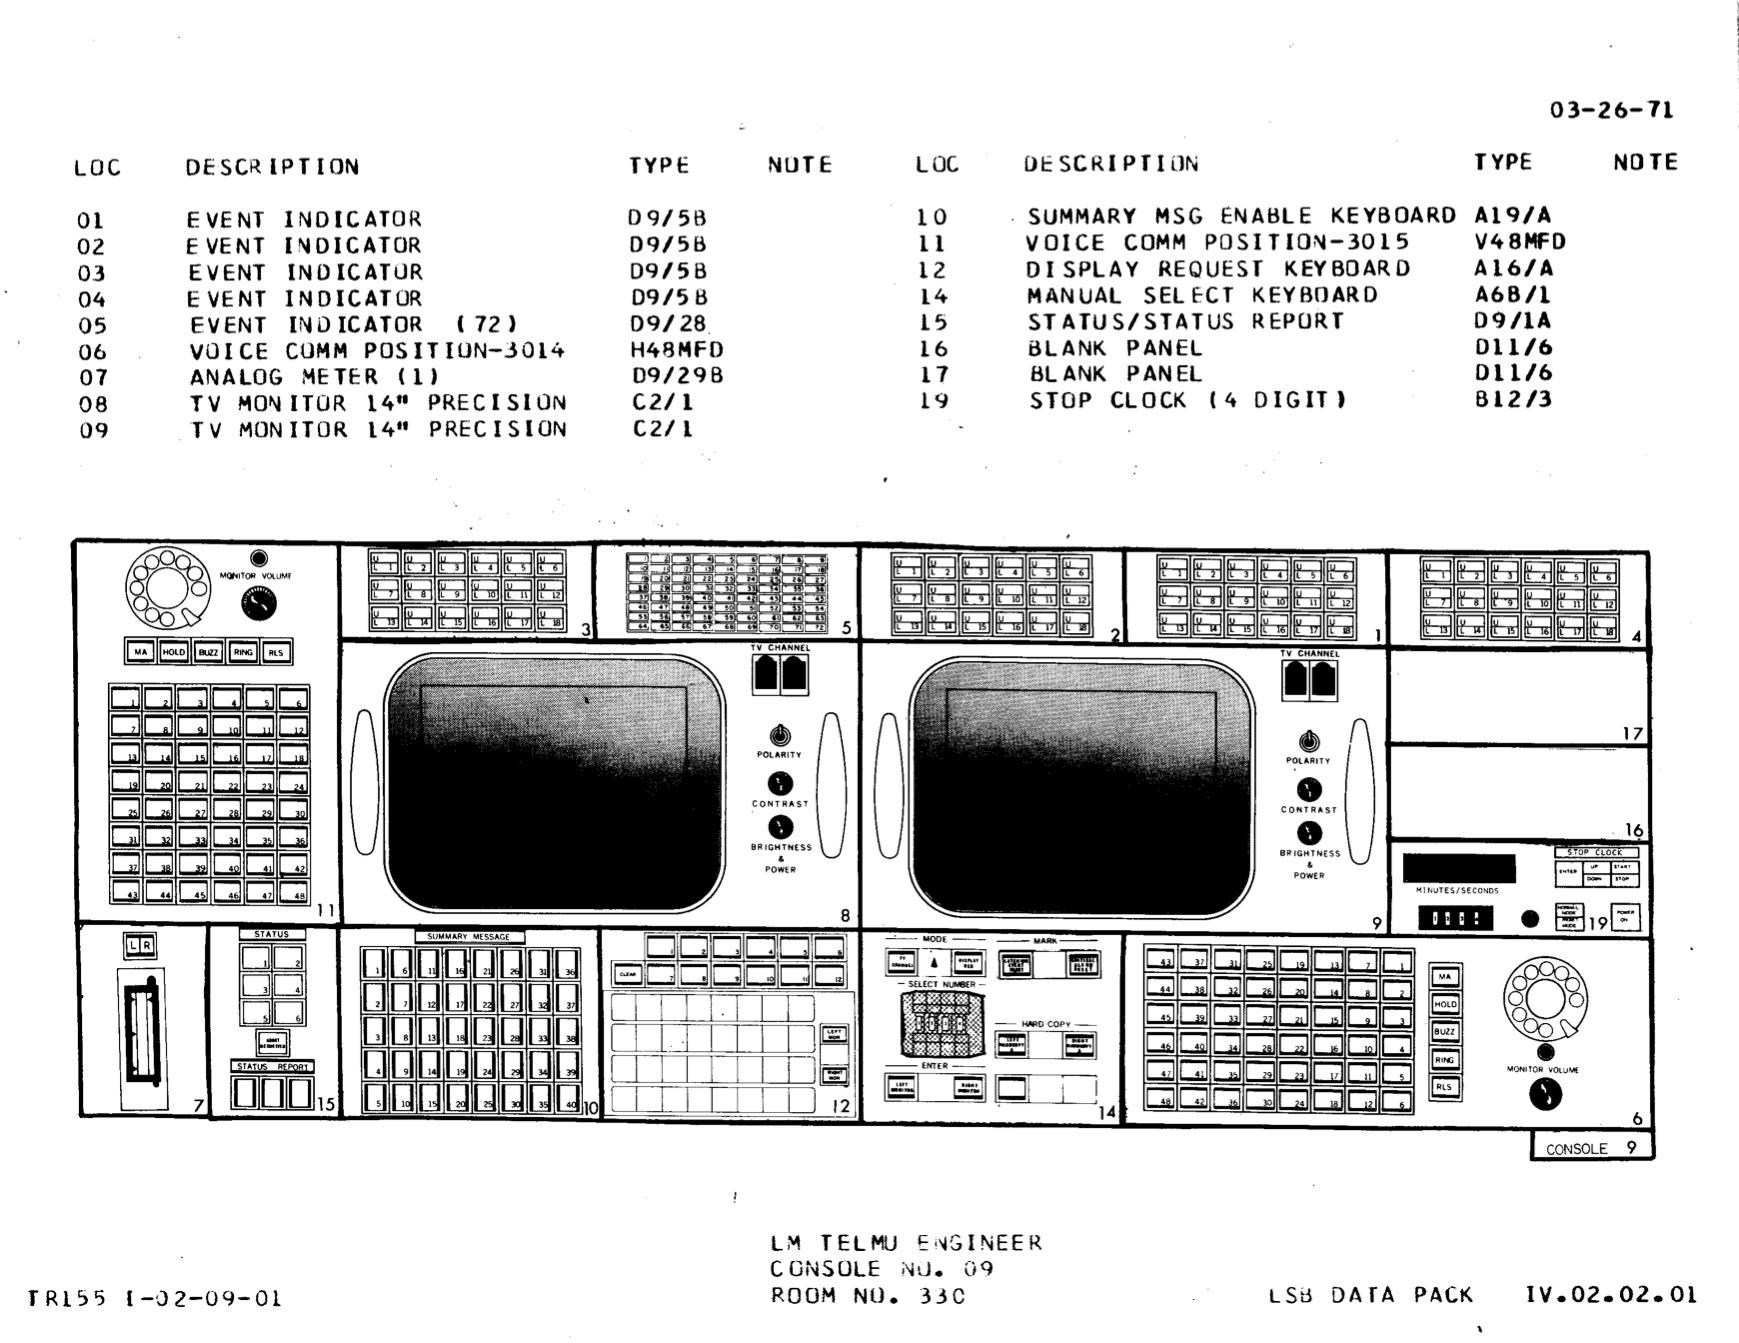 TELMU console diagram, Apollo configuration.